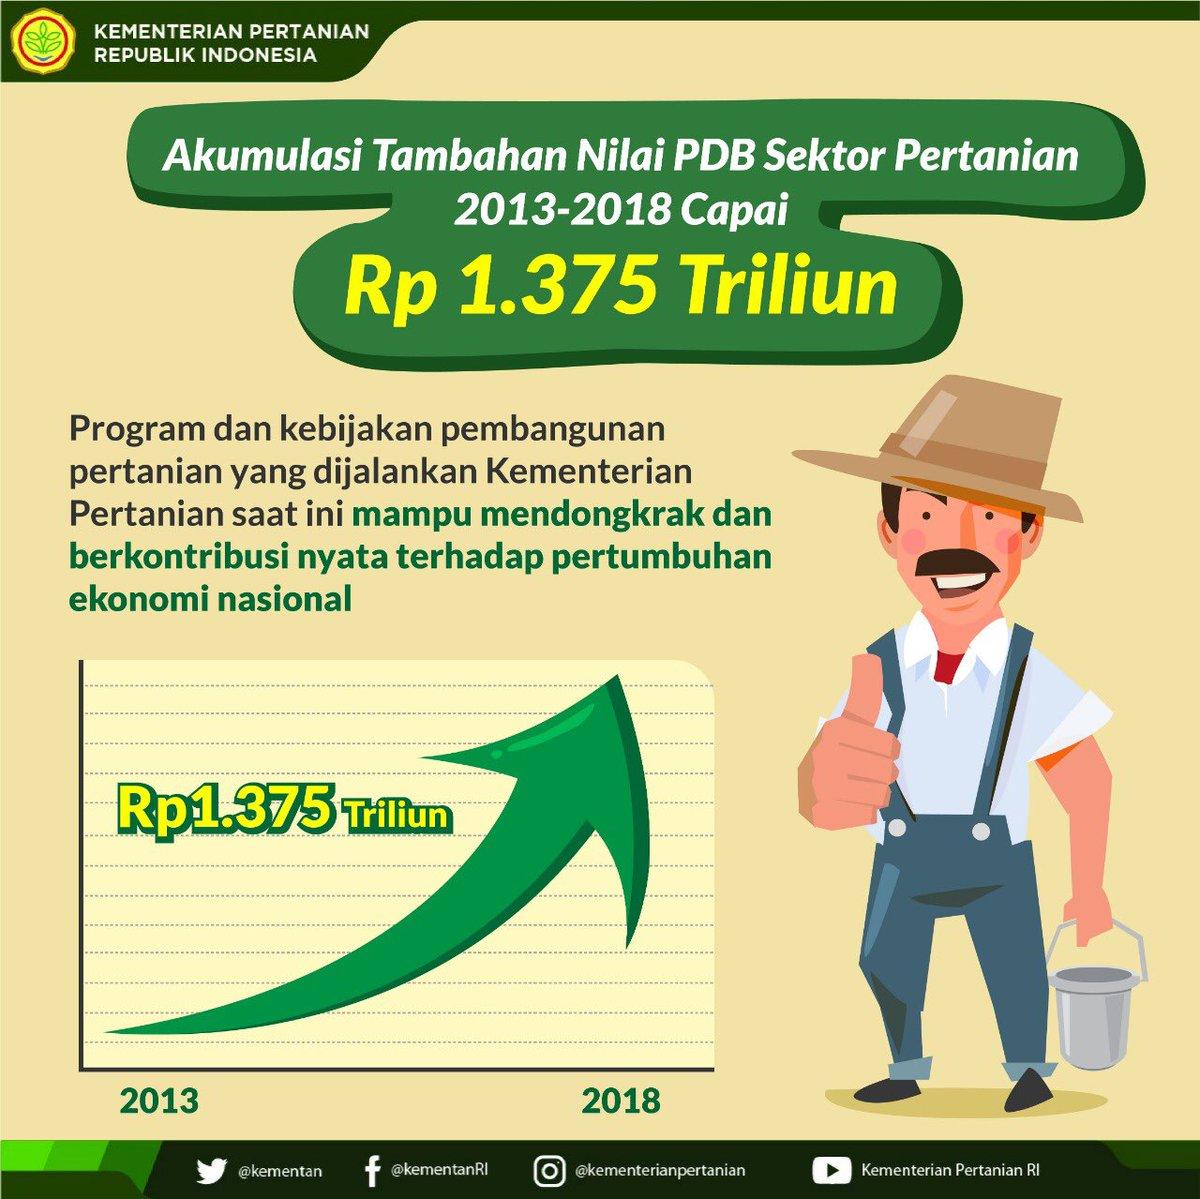 Kementerian Pertanian Ri On Twitter Selama Periode 2013 2018